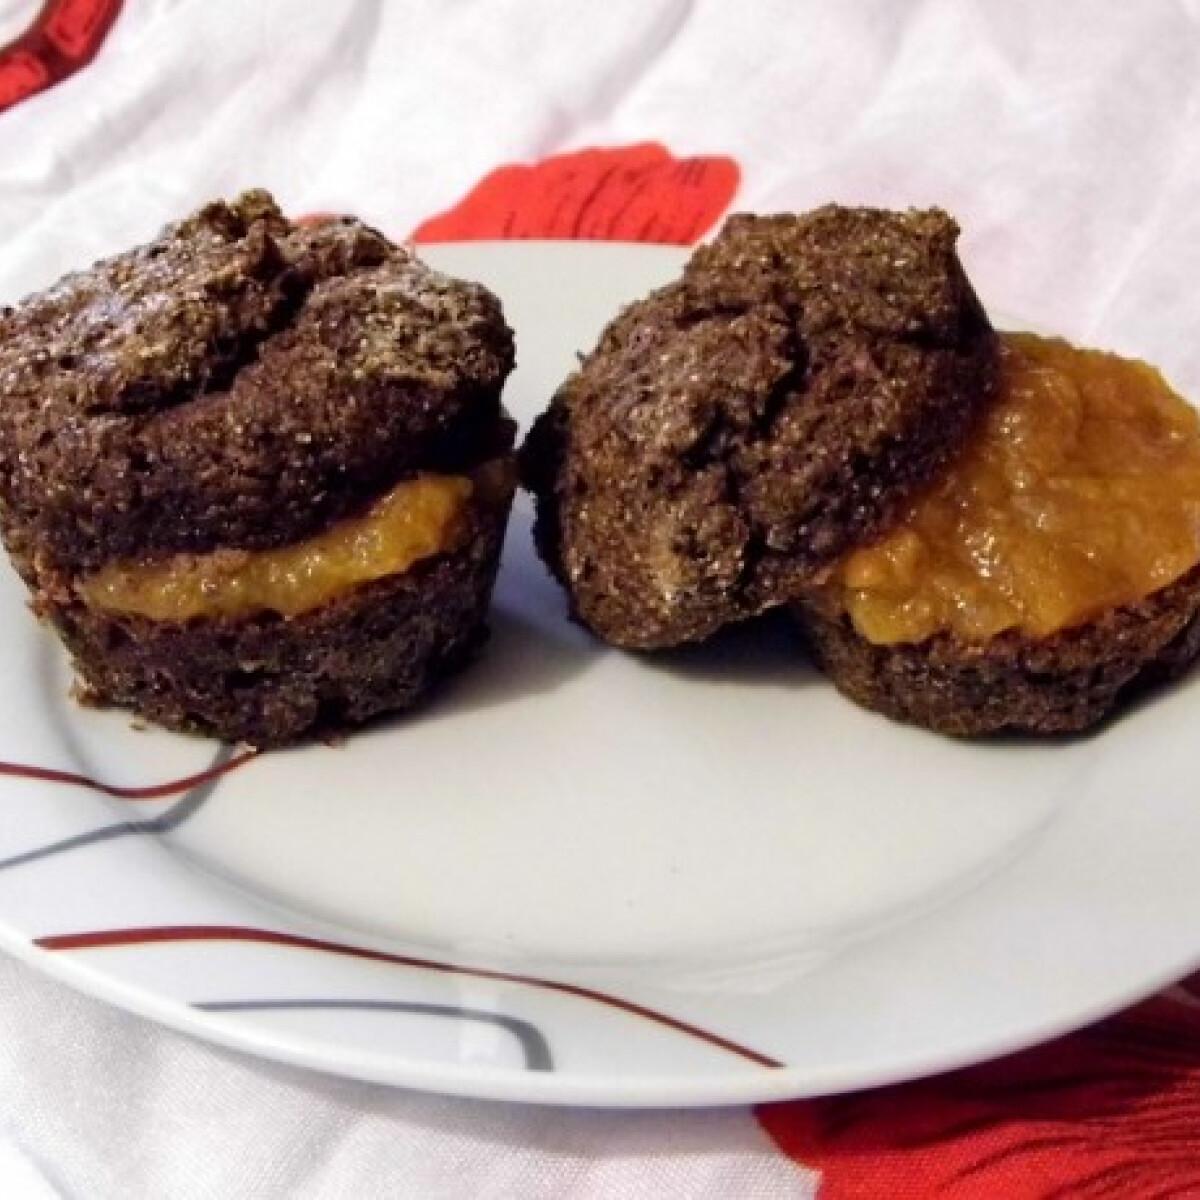 Ezen a képen: Szénhidrátcsökkentett cukormentes kakaós muffin